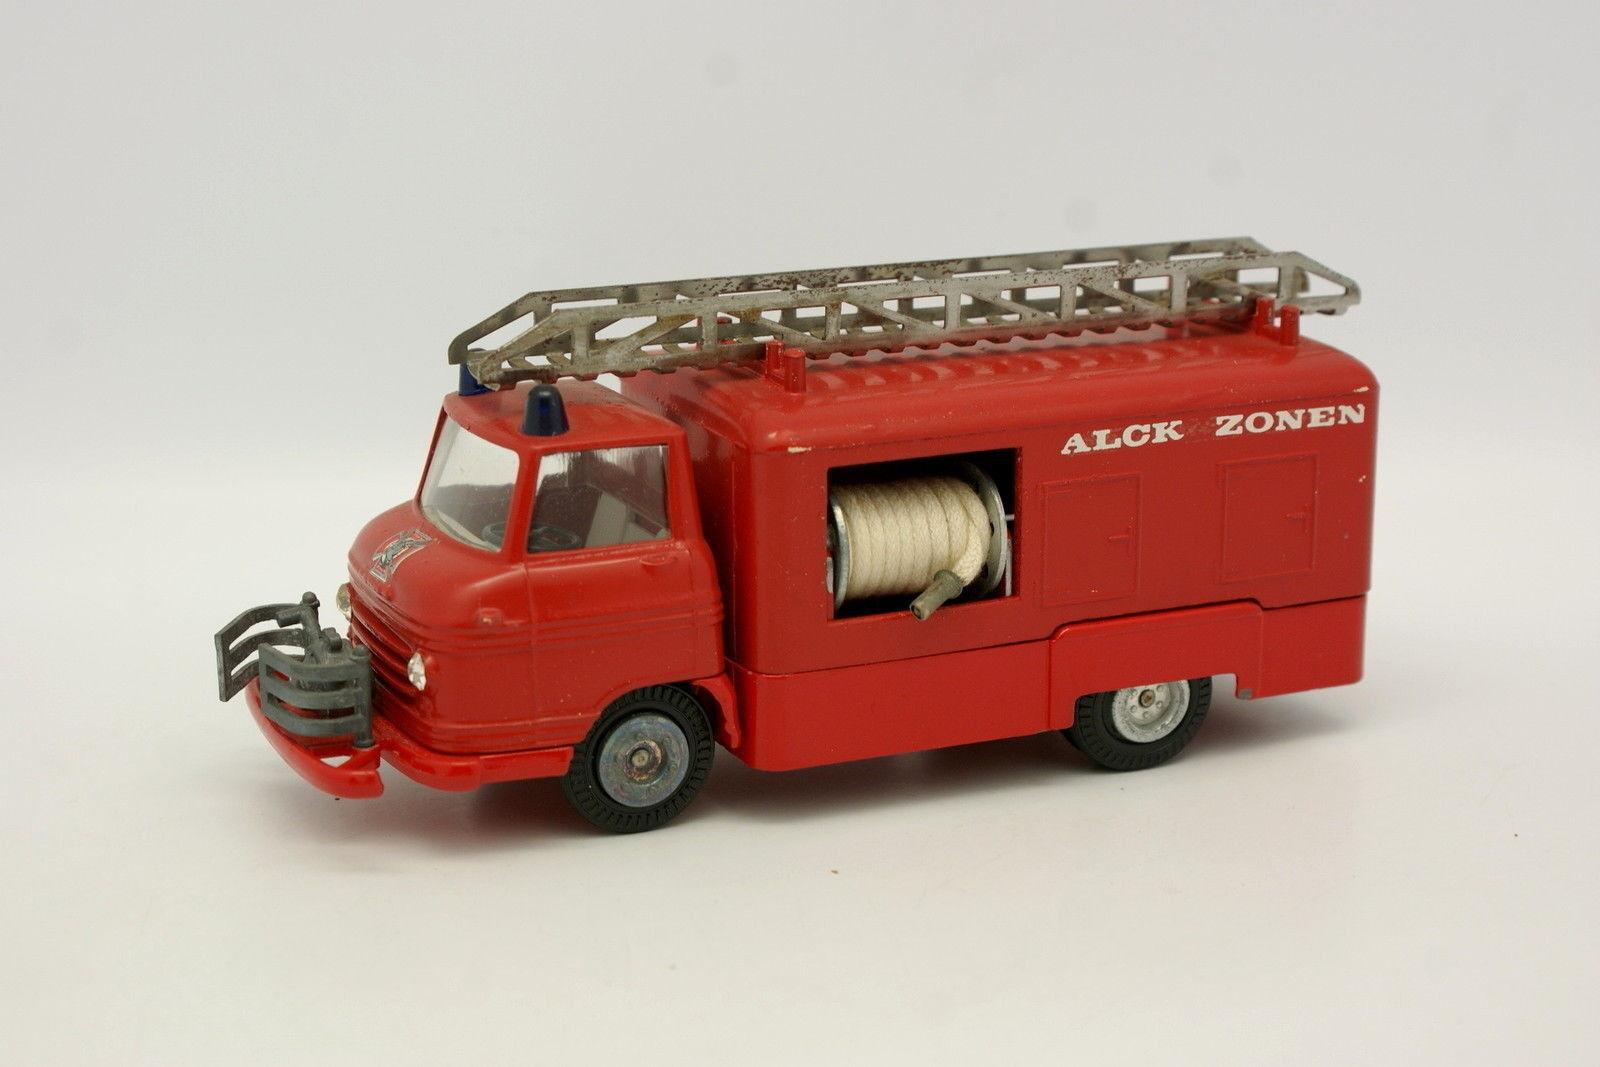 Tekno 1 43 - Volvo Falck zones Fire Engine Fireman